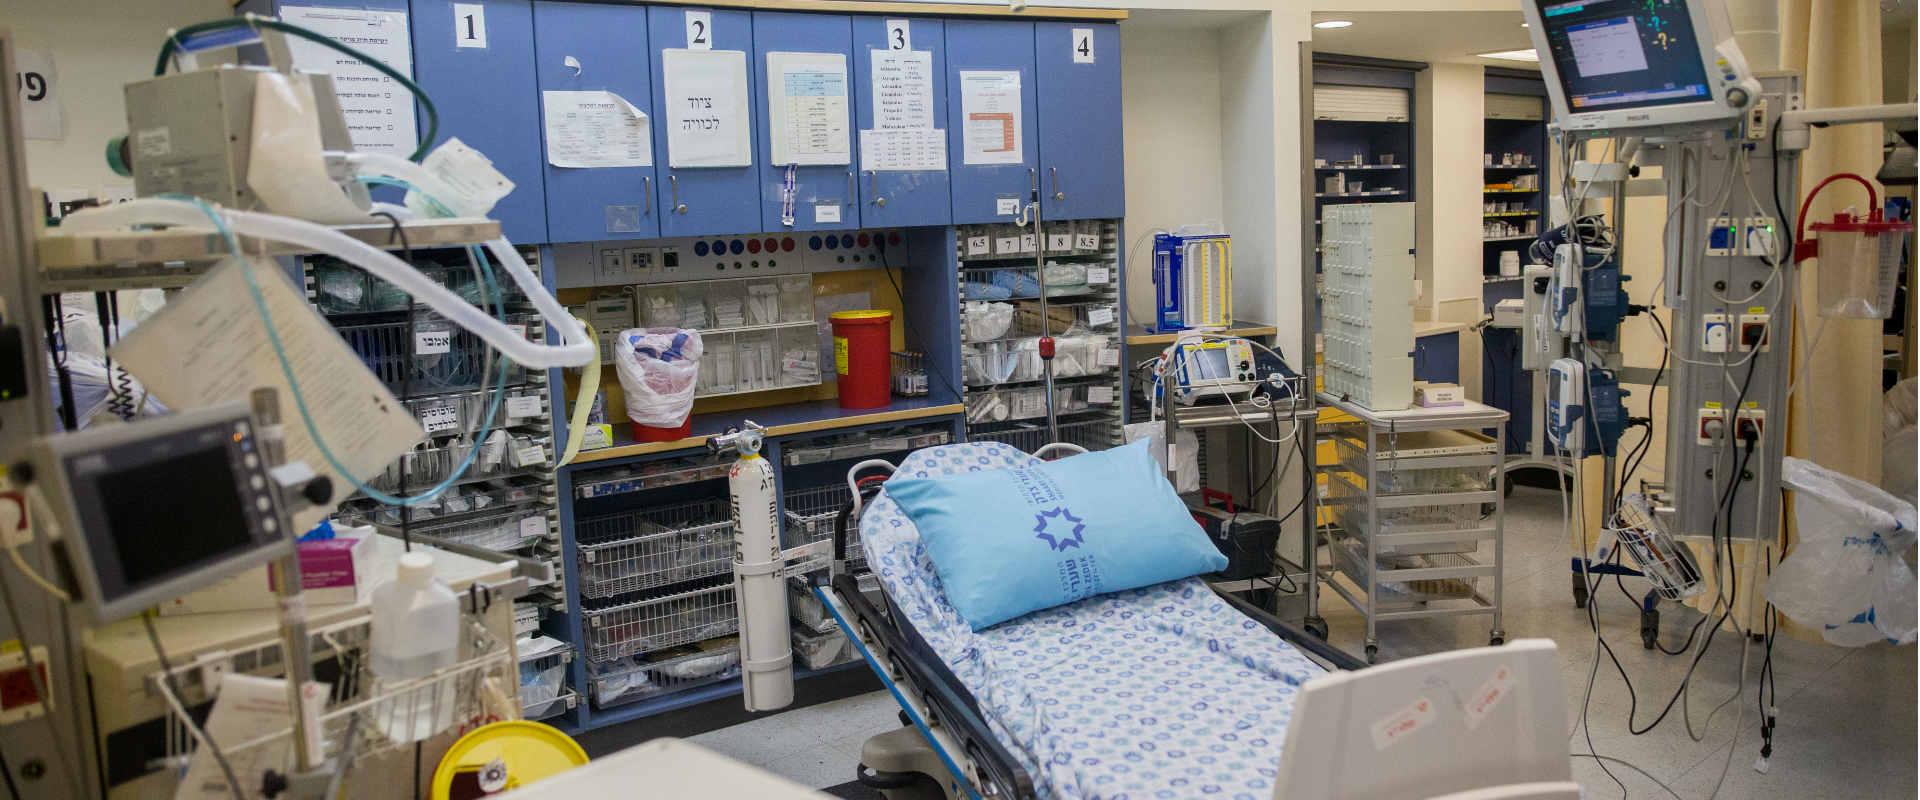 בית החולים שערי צדק בירושלים